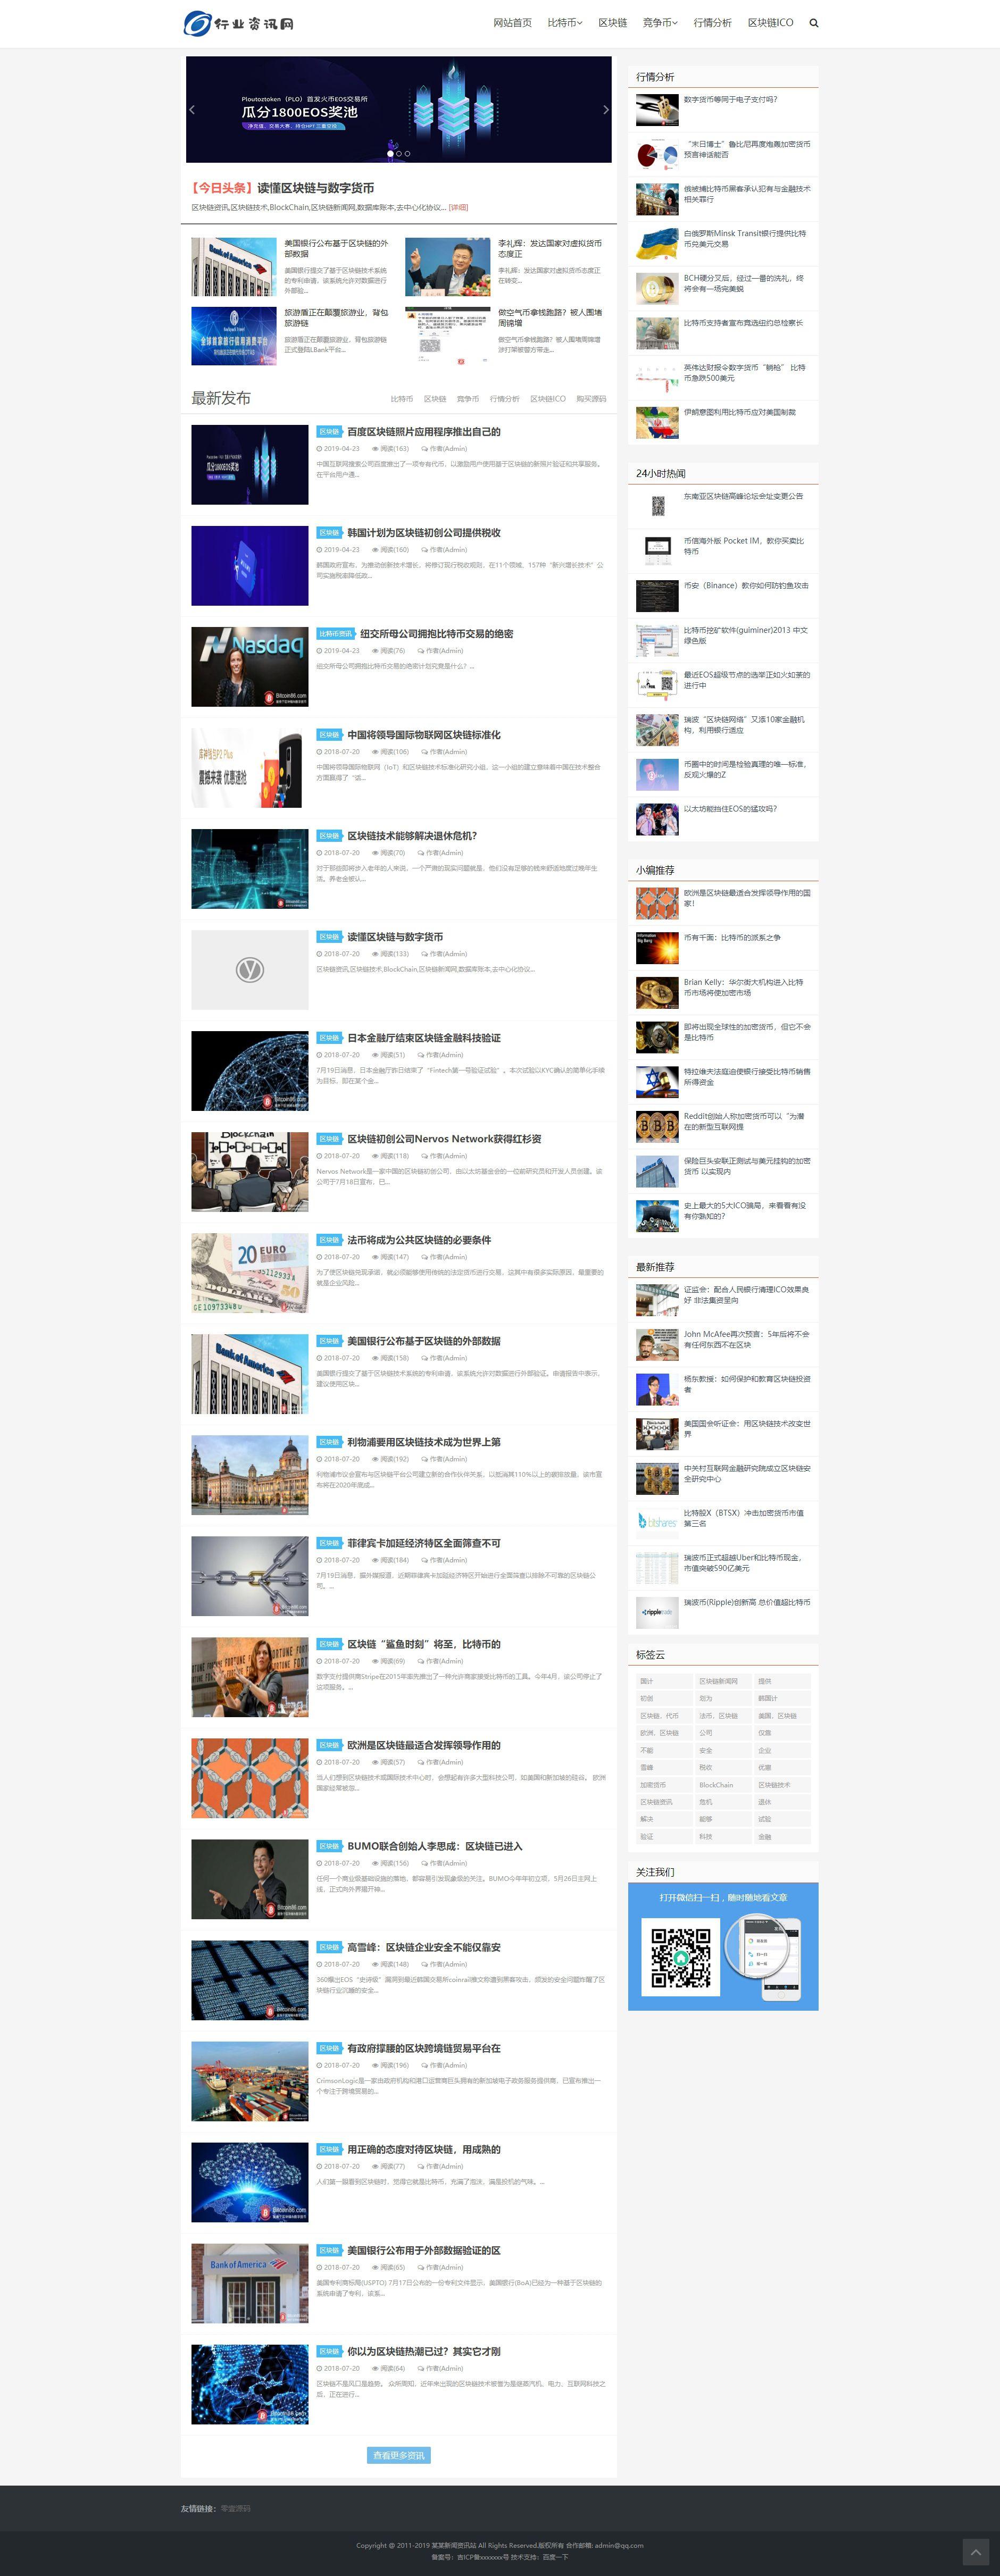 响应式行业资讯网类网站dedecms织梦mip模板